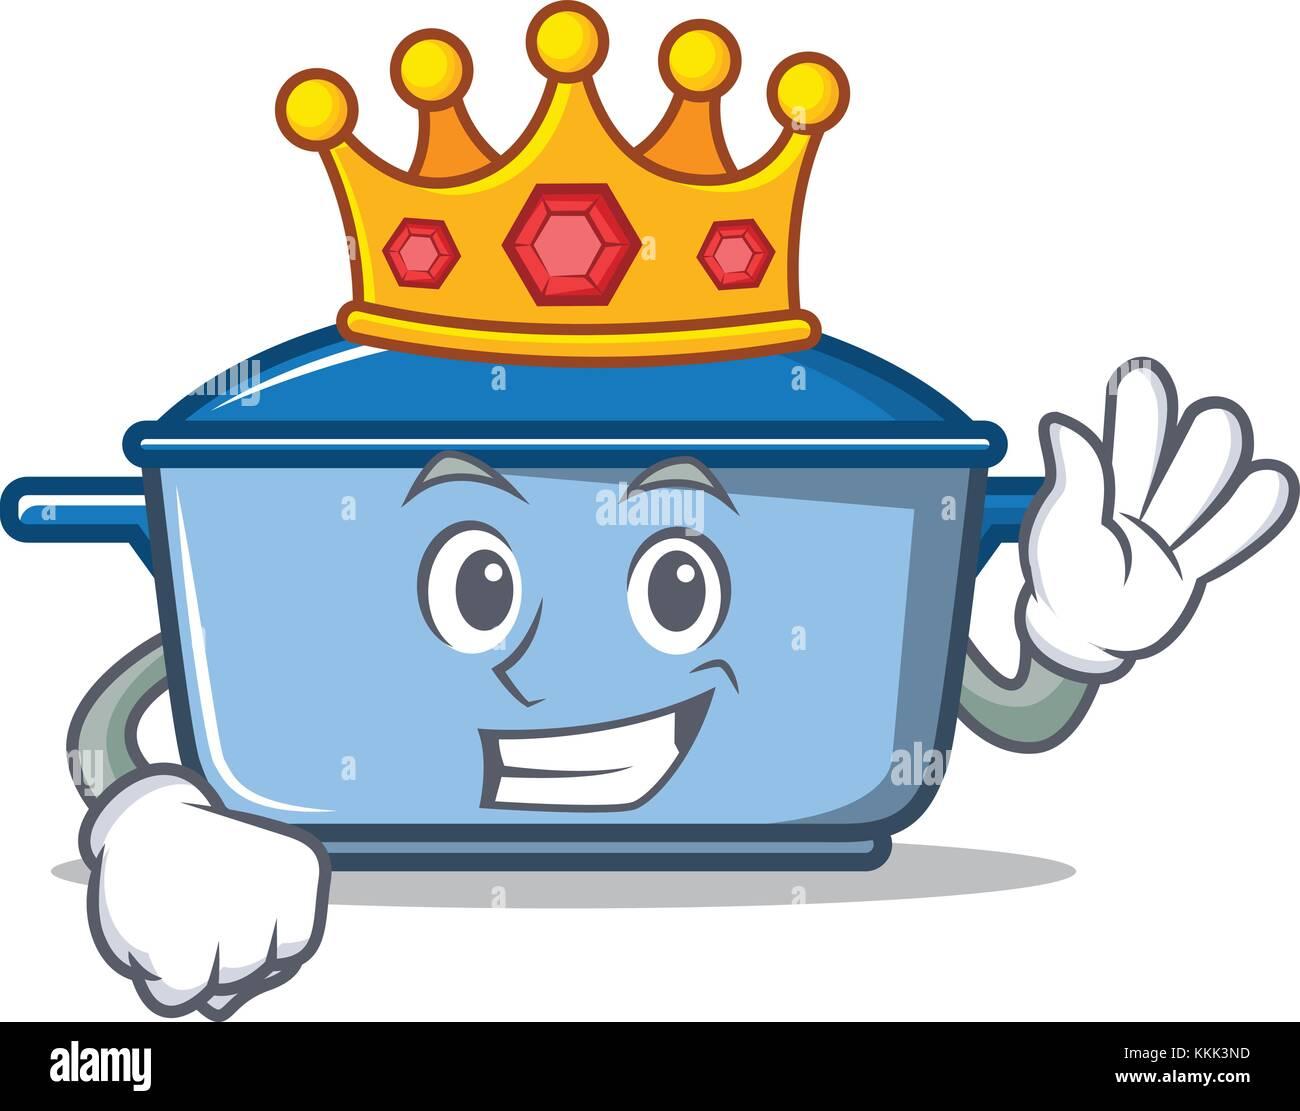 King kitchen character cartoon style Stock Vector Art & Illustration ...